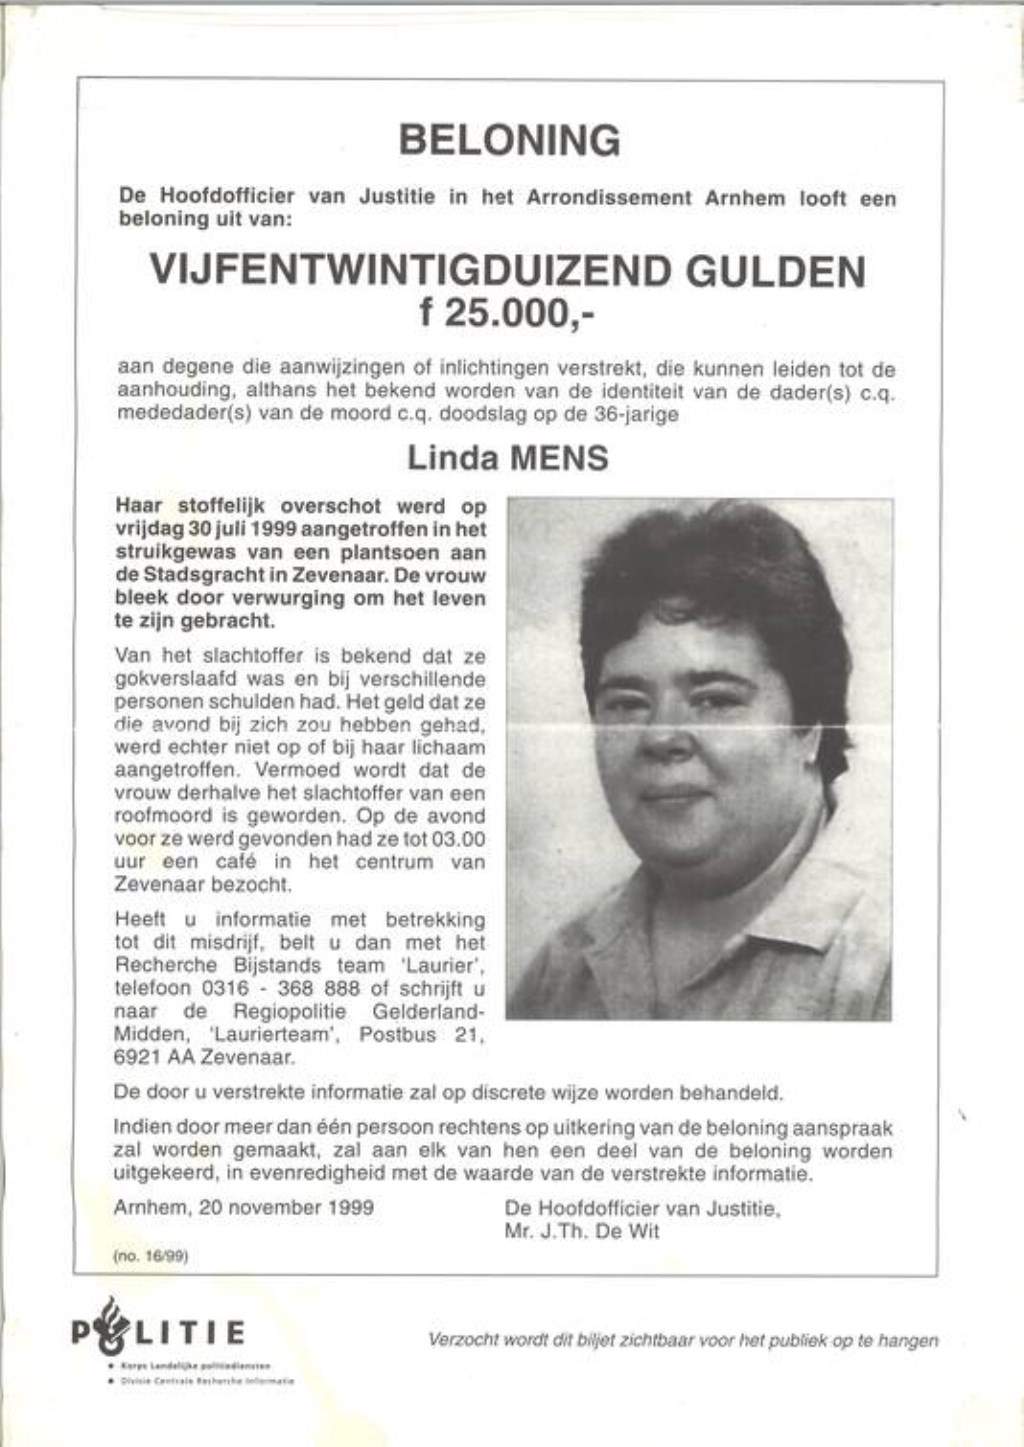 In 1999 werd met deze poster een oproep gedaan voor getuigen. De toenmalige beloning is inmiddels verhoogd. (foto: Politie)  © Persgroep